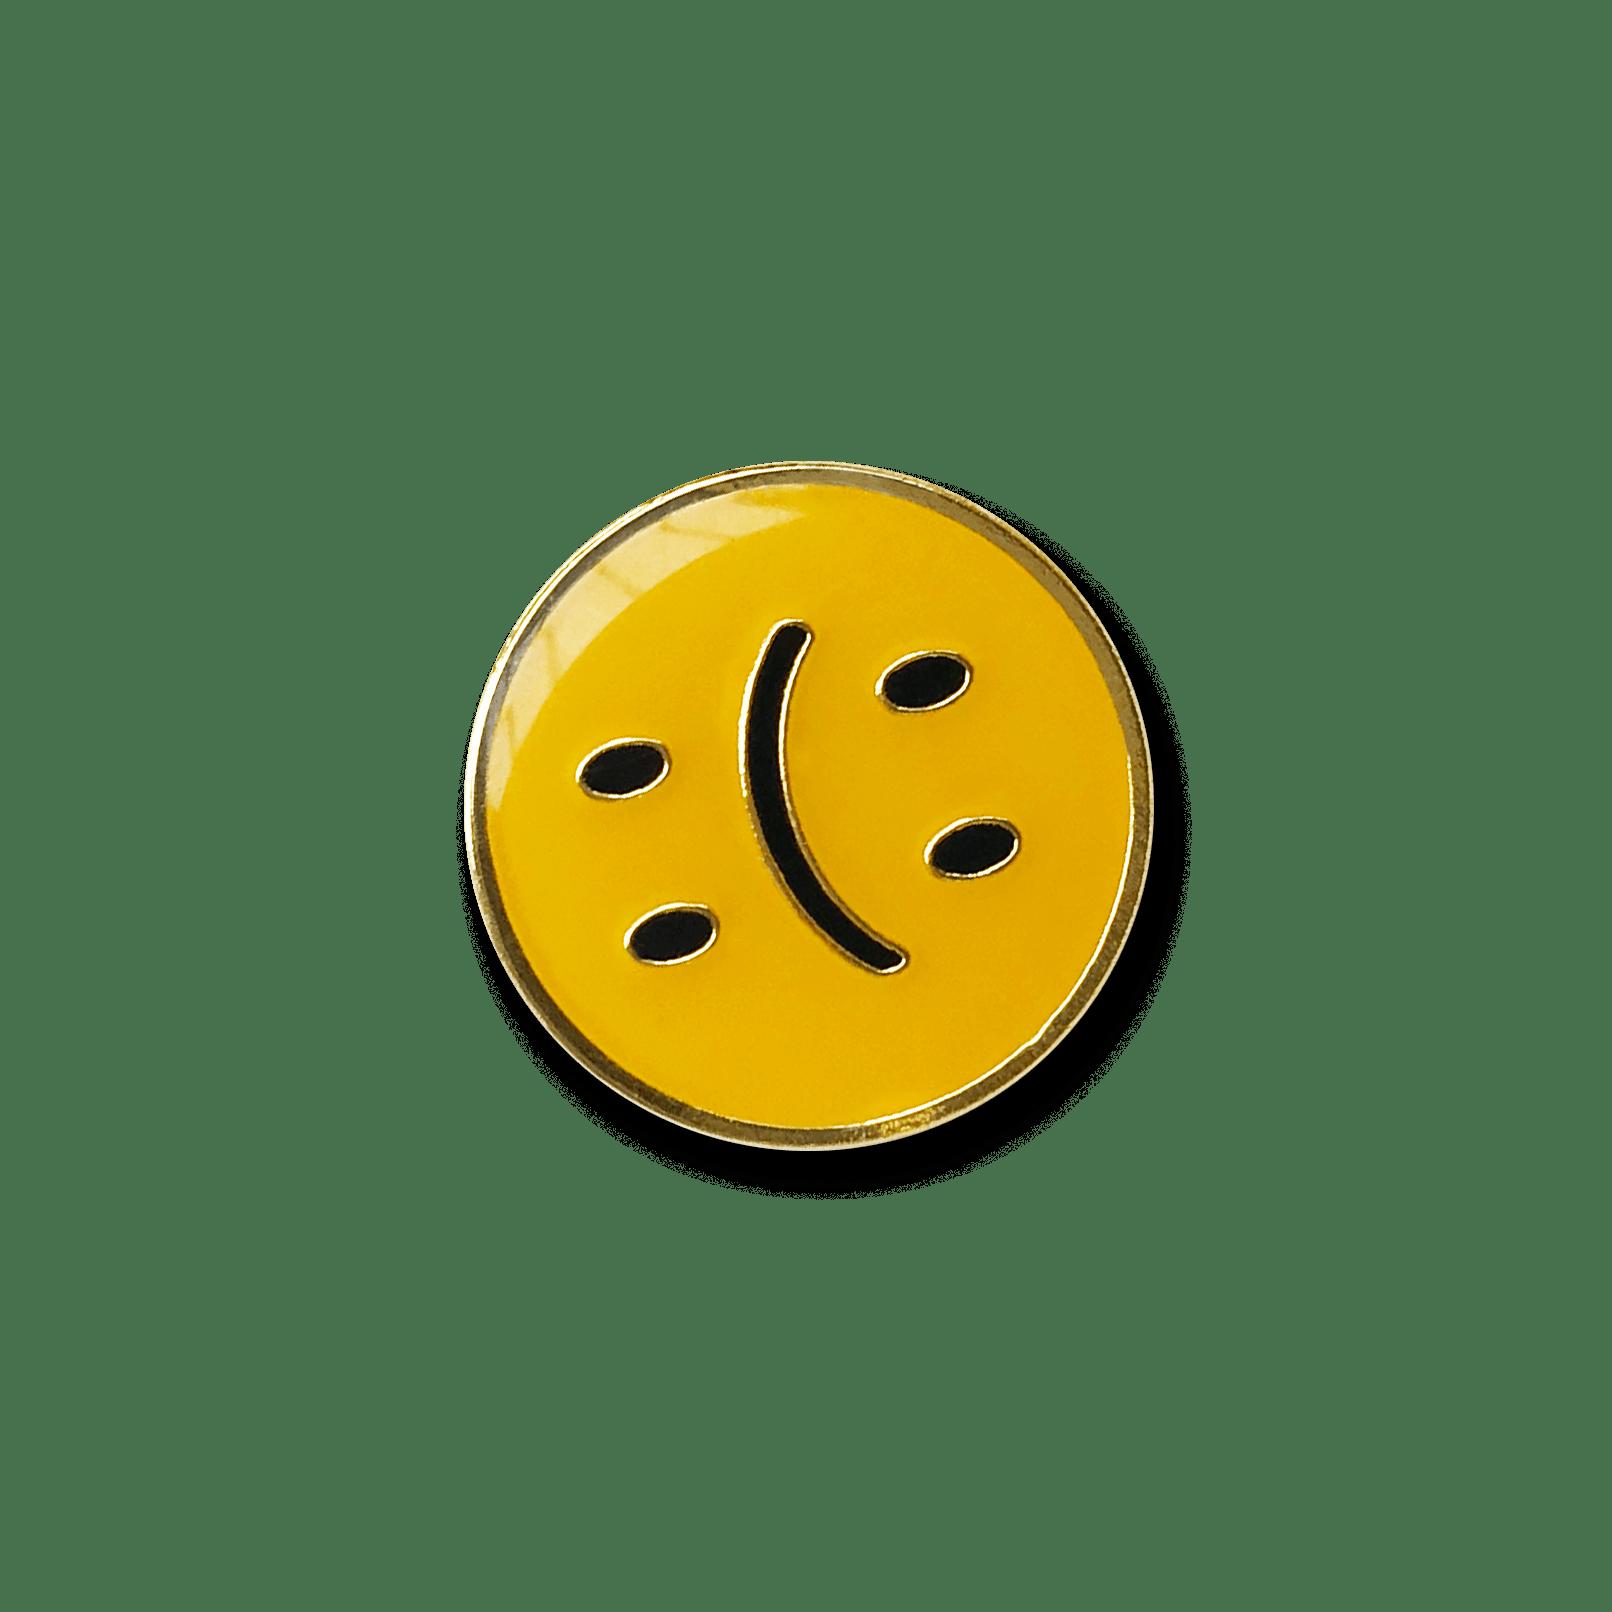 happy, sad